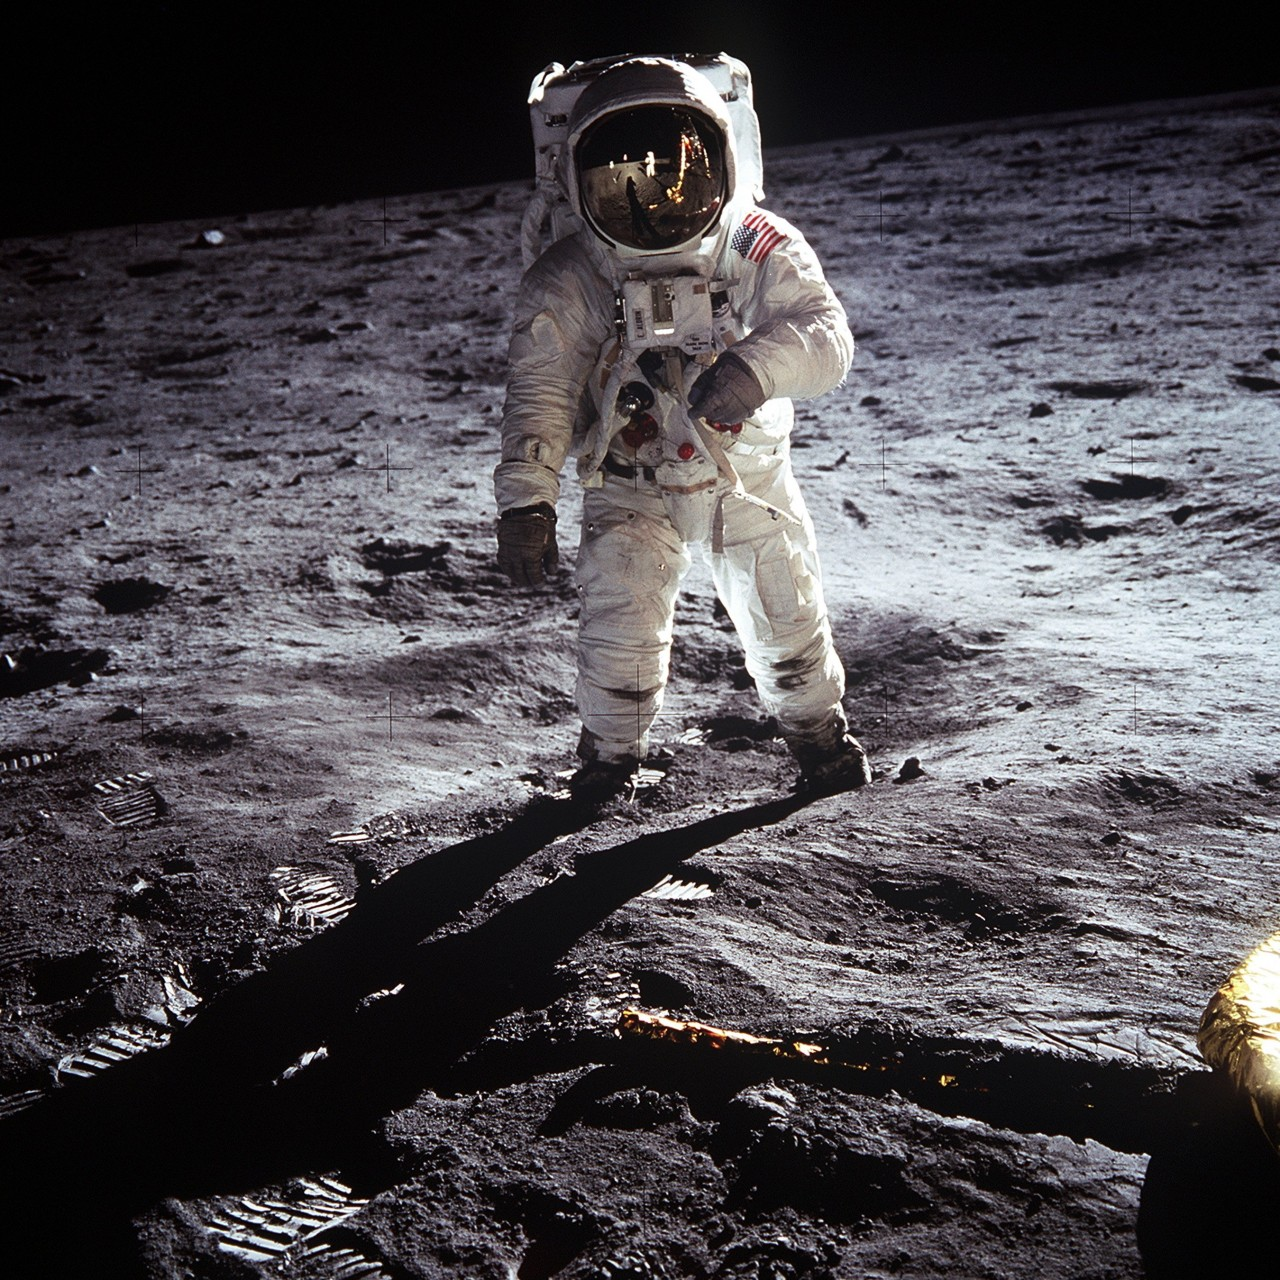 «Как же они на Луну летали?» - россияне обсуждают попытки американцев создать аналог РД-180